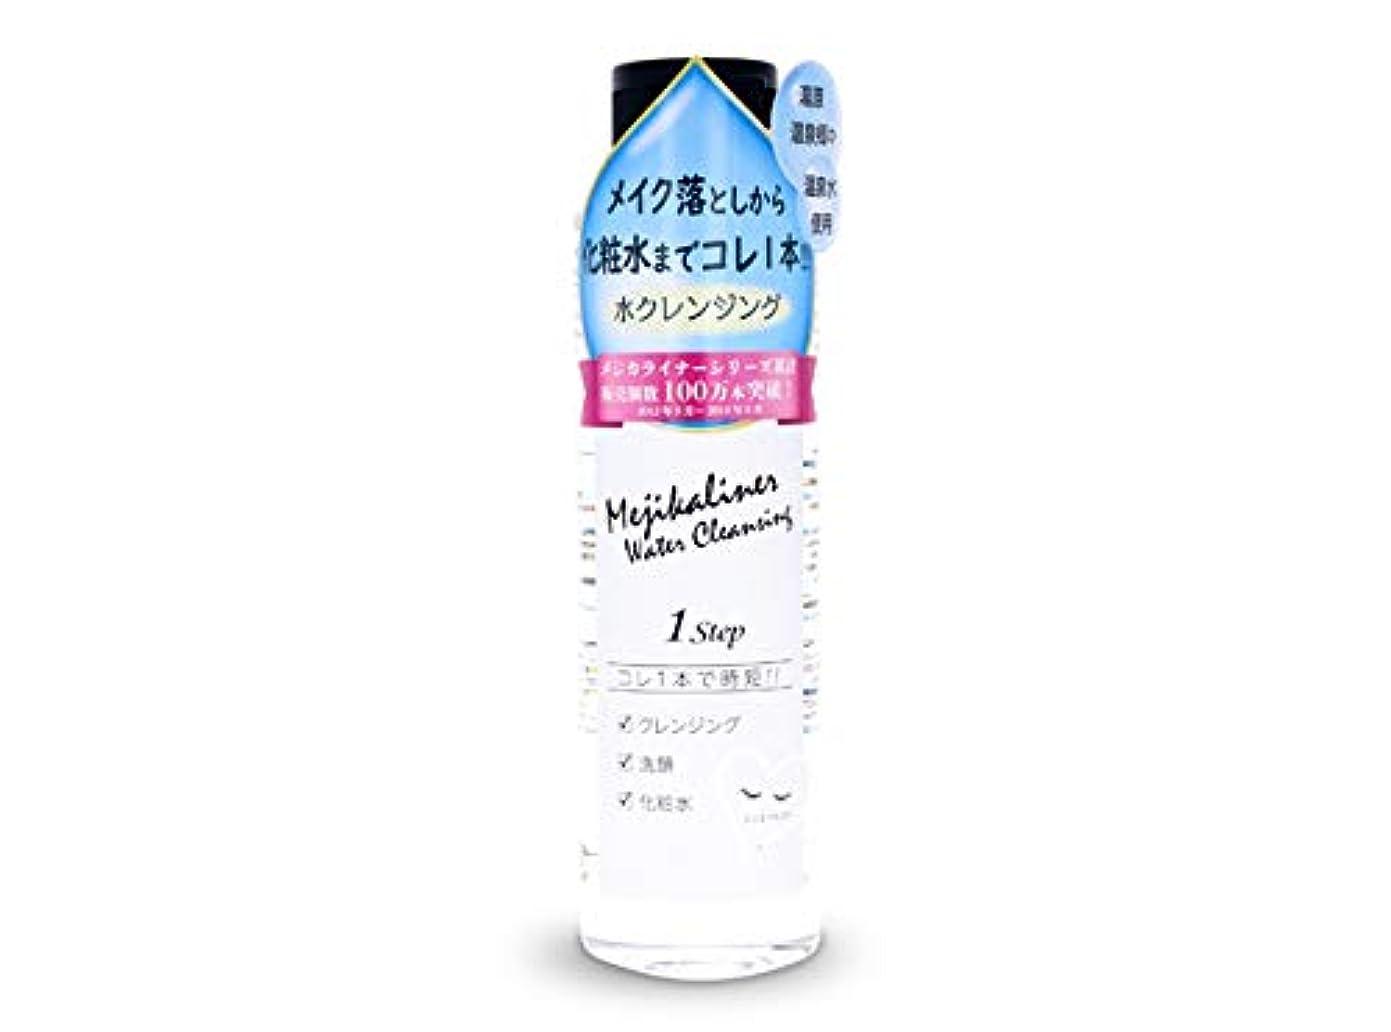 散る医薬地質学メジカライナー ウォータークレンジング 30個セット 水クレンジング メイク落とし 洗顔 スキンケア 化粧品